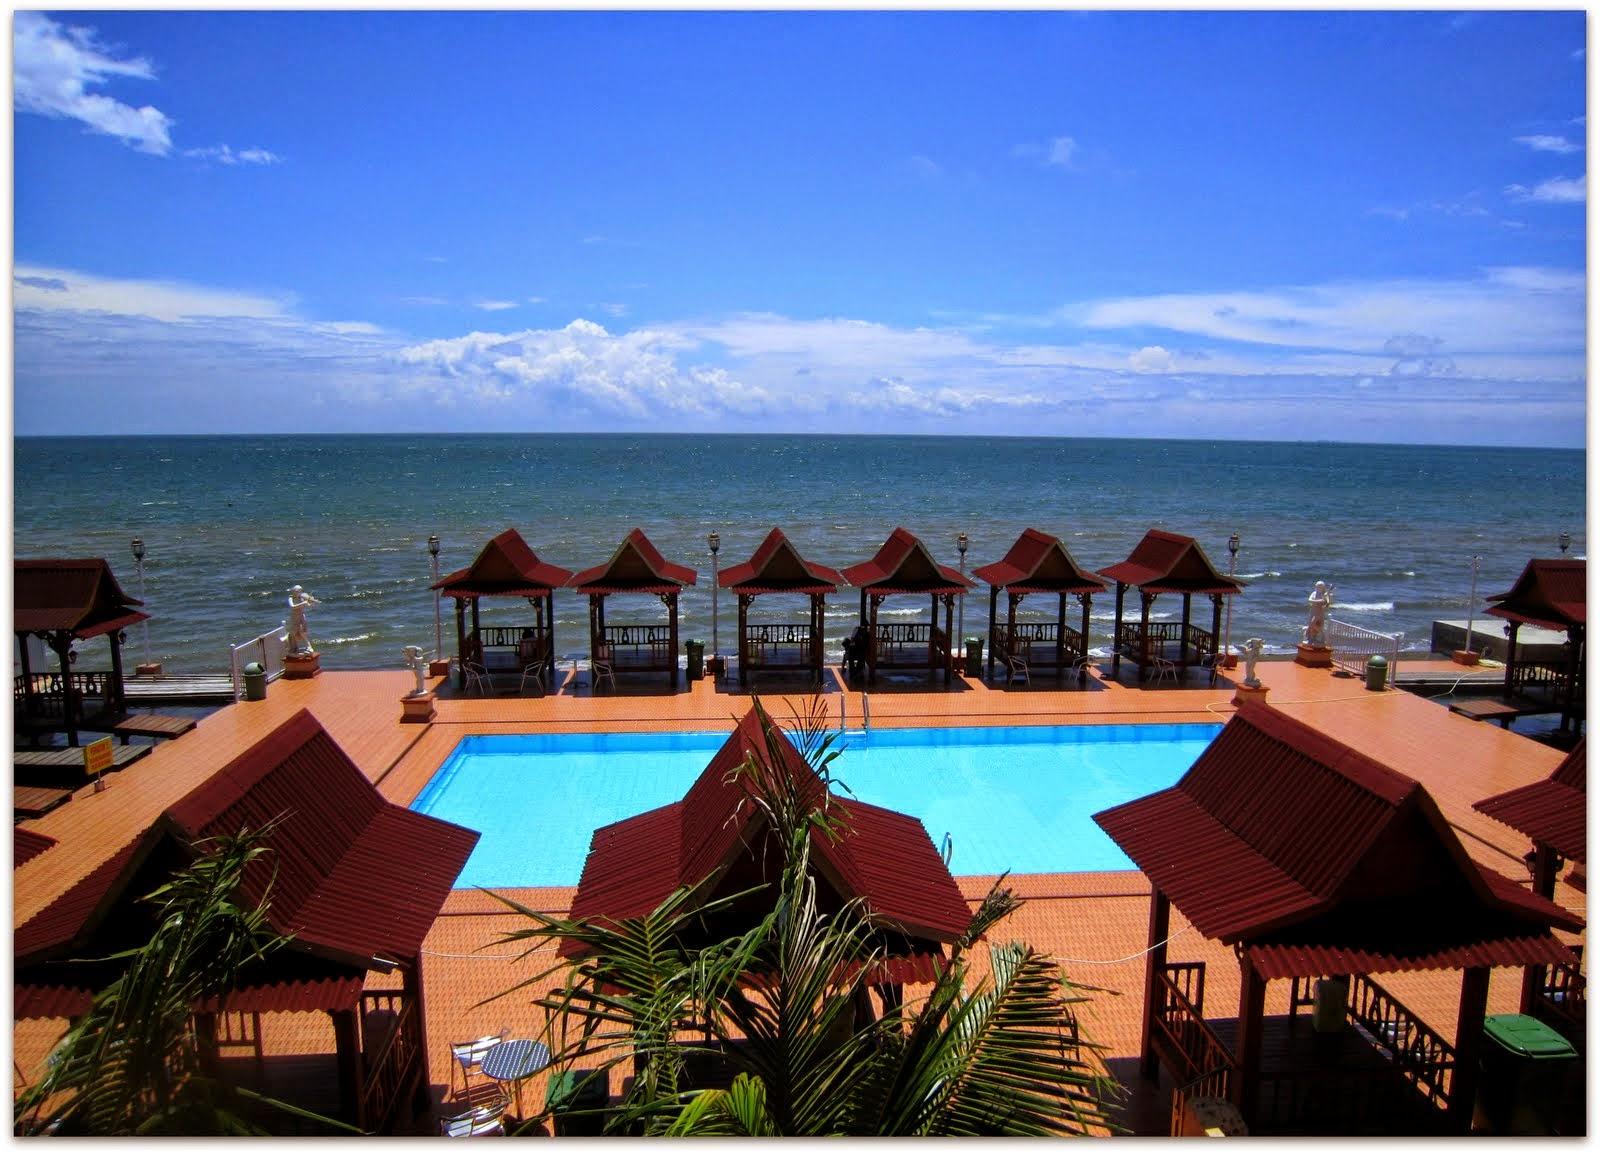 Wisata Pantai Galesong Utara  Makassar Guide - Panduan Wisata